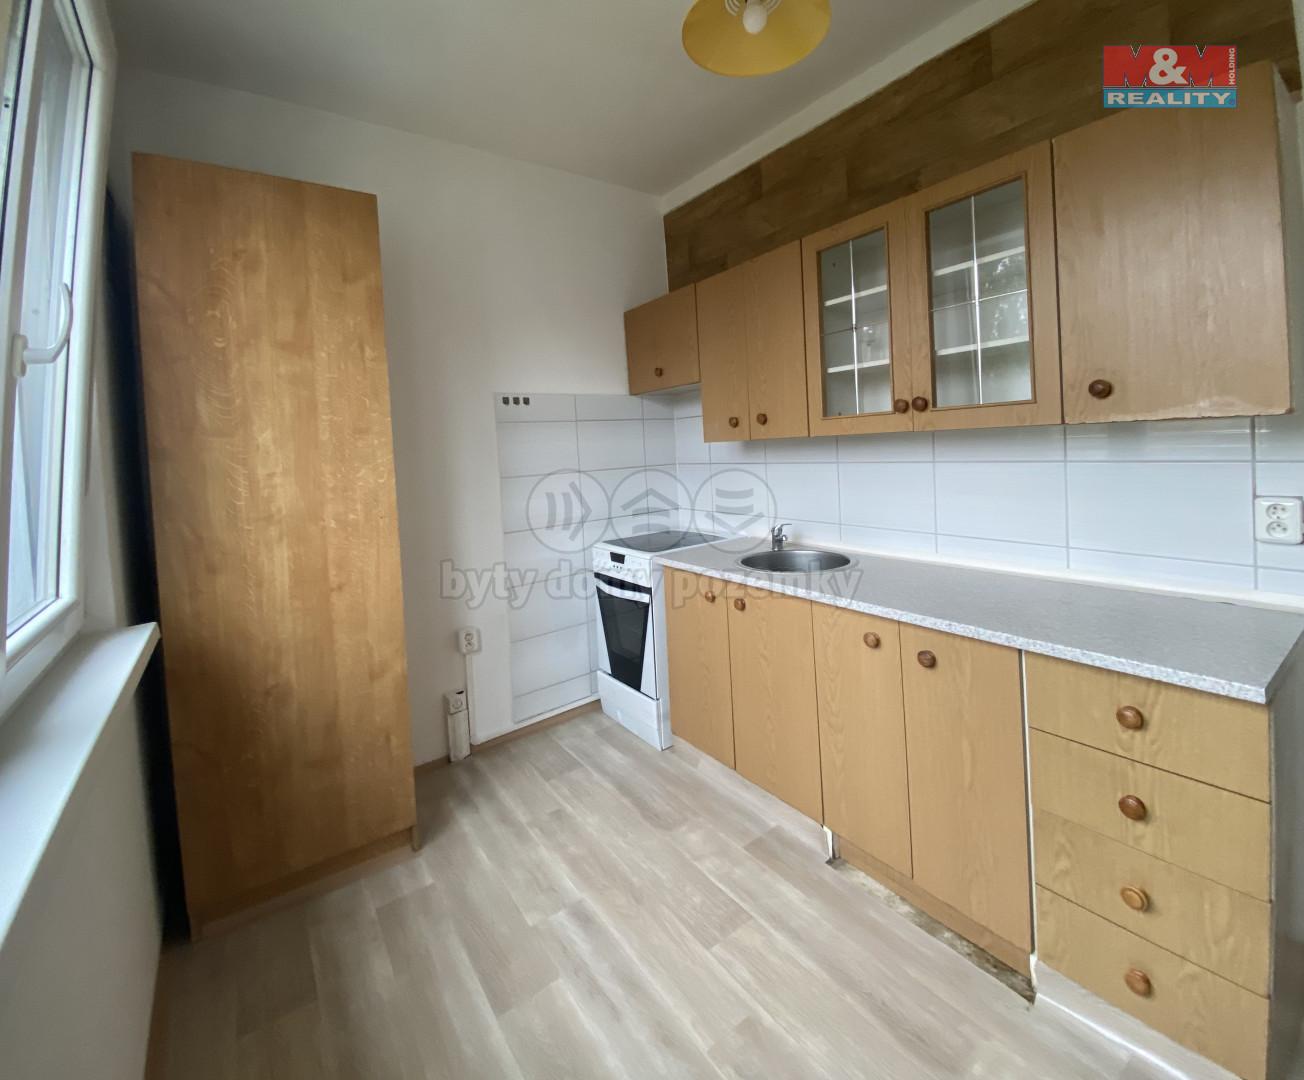 Pronájem, bytu 2+1, 56 m2, OV, Kadaň, ul. Chomutovská